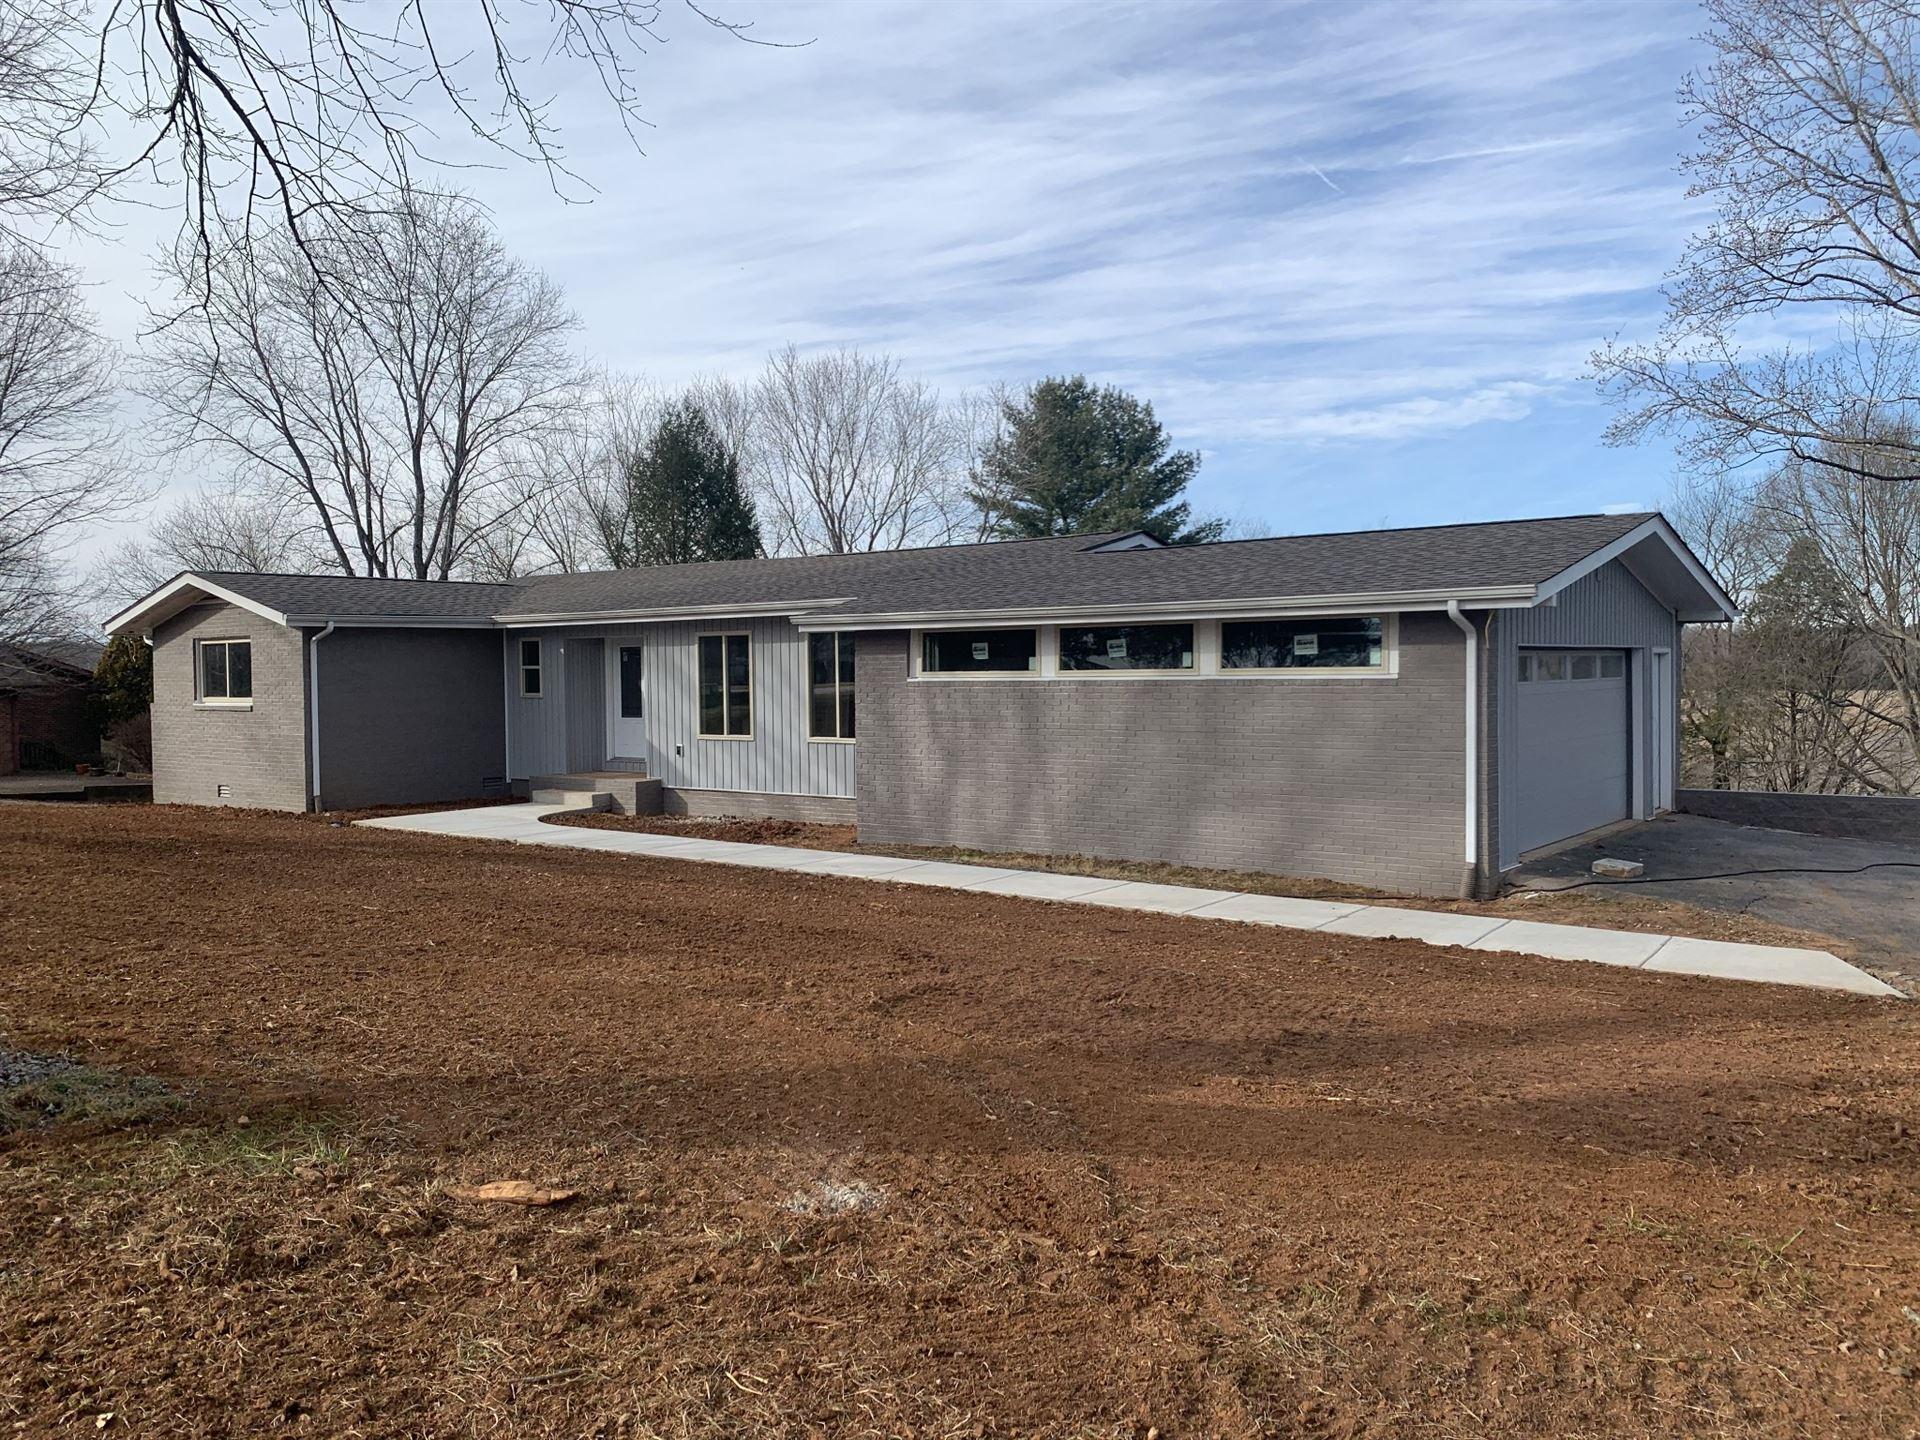 114 Hickory Hill Dr, Estill Springs, TN 37330 - MLS#: 2217414